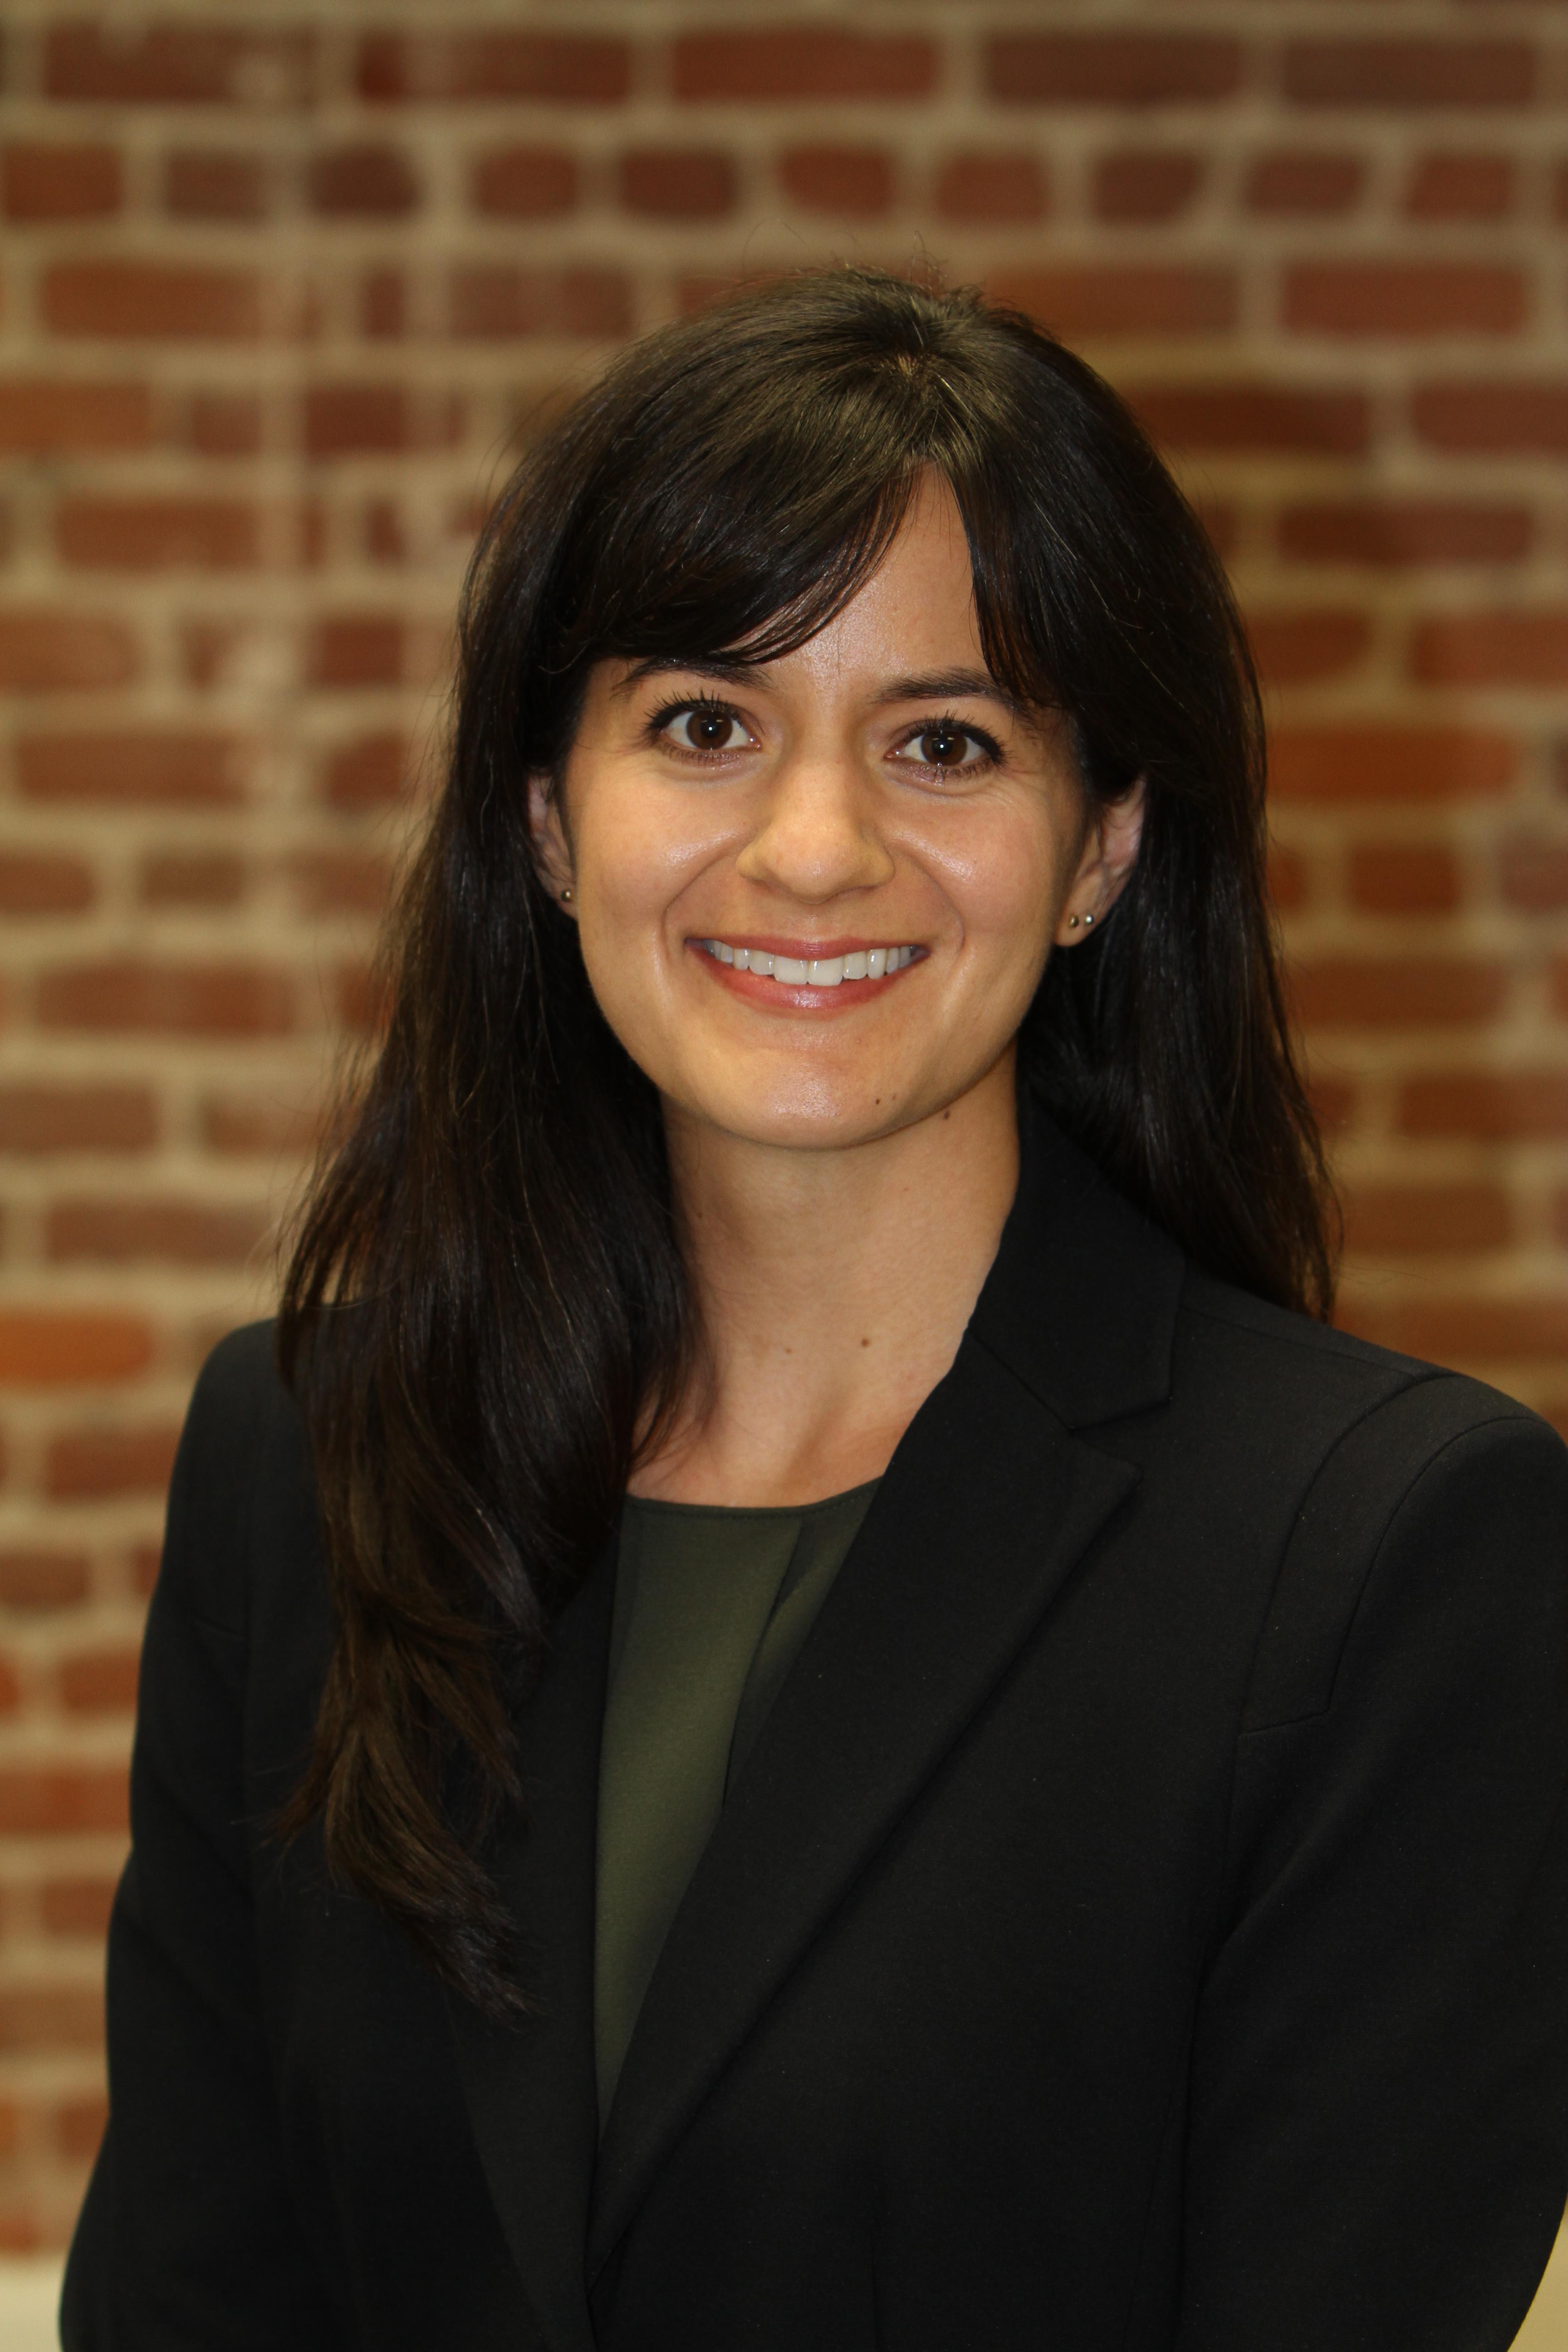 Amanda C. Lynch